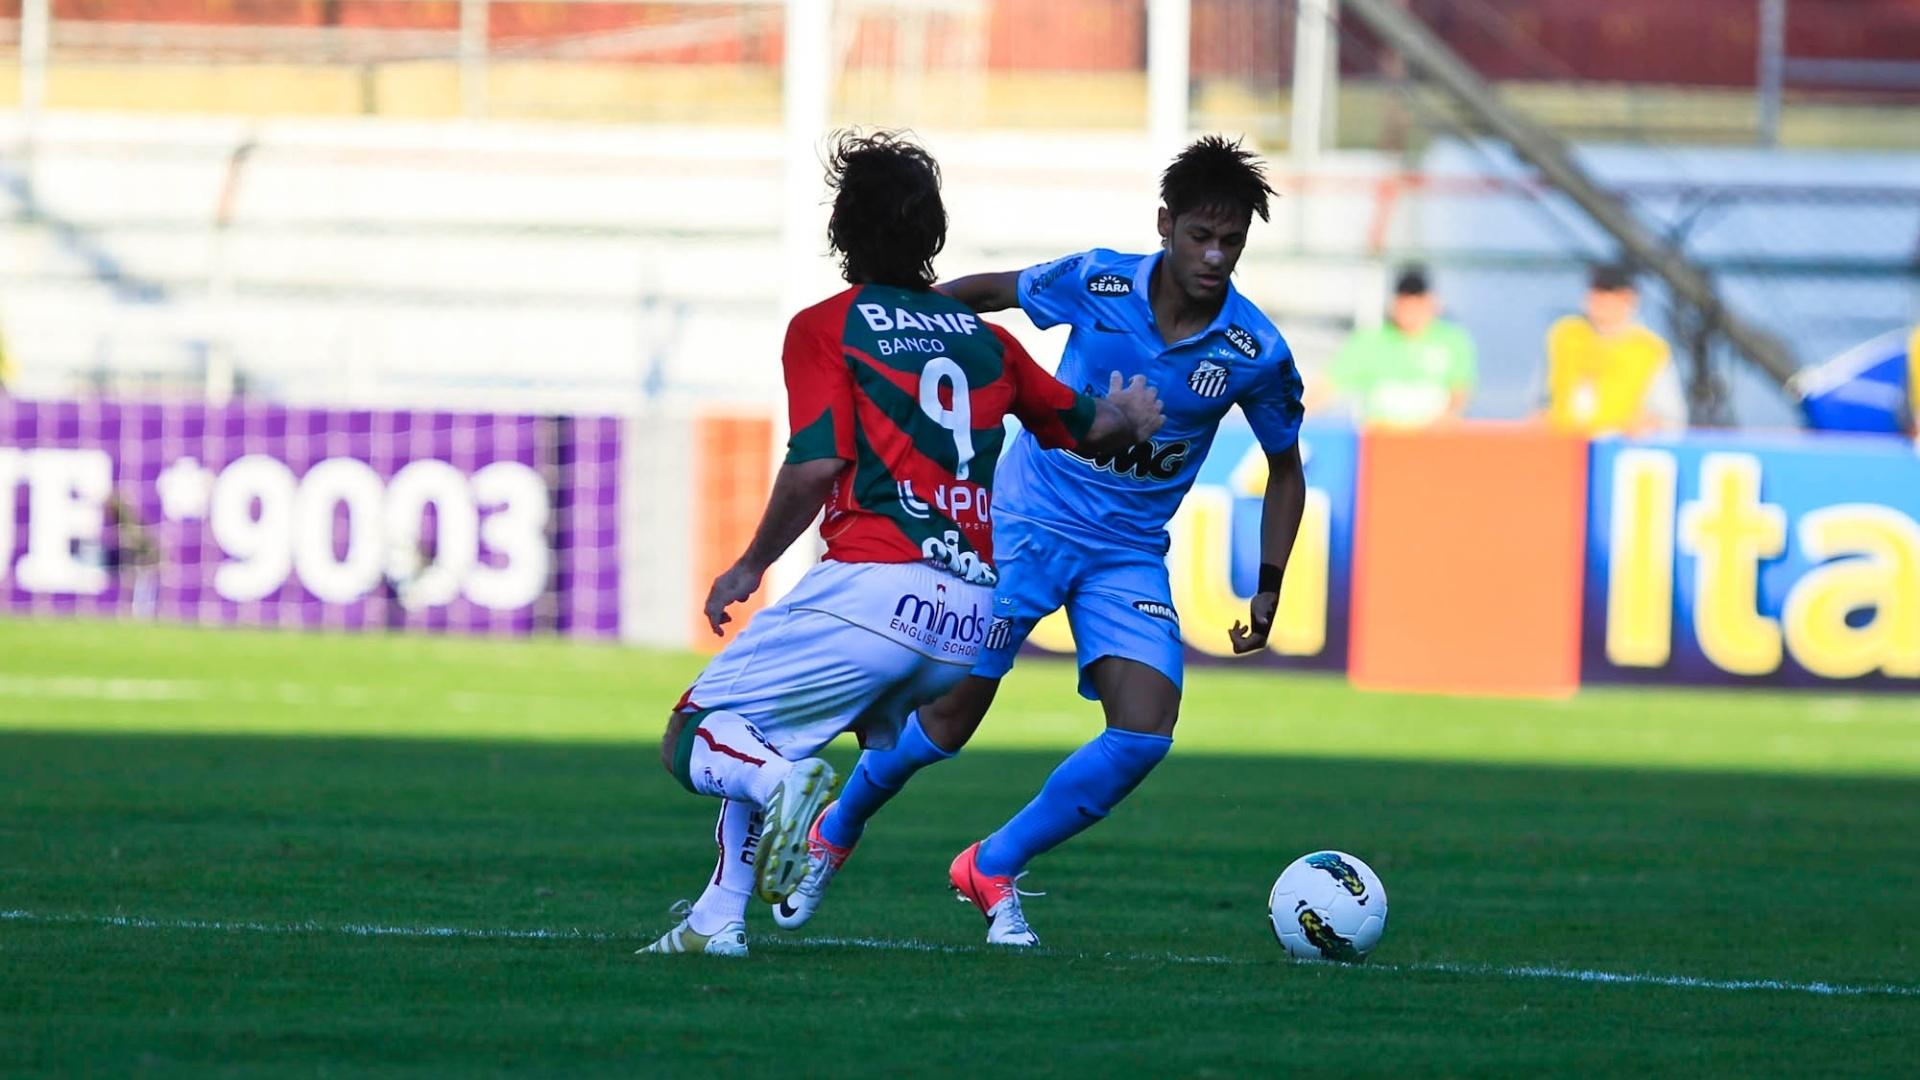 Neymar parte para cima da marcação de Diego Viana, atacante da Portuguesa, durante duelo no Canindé